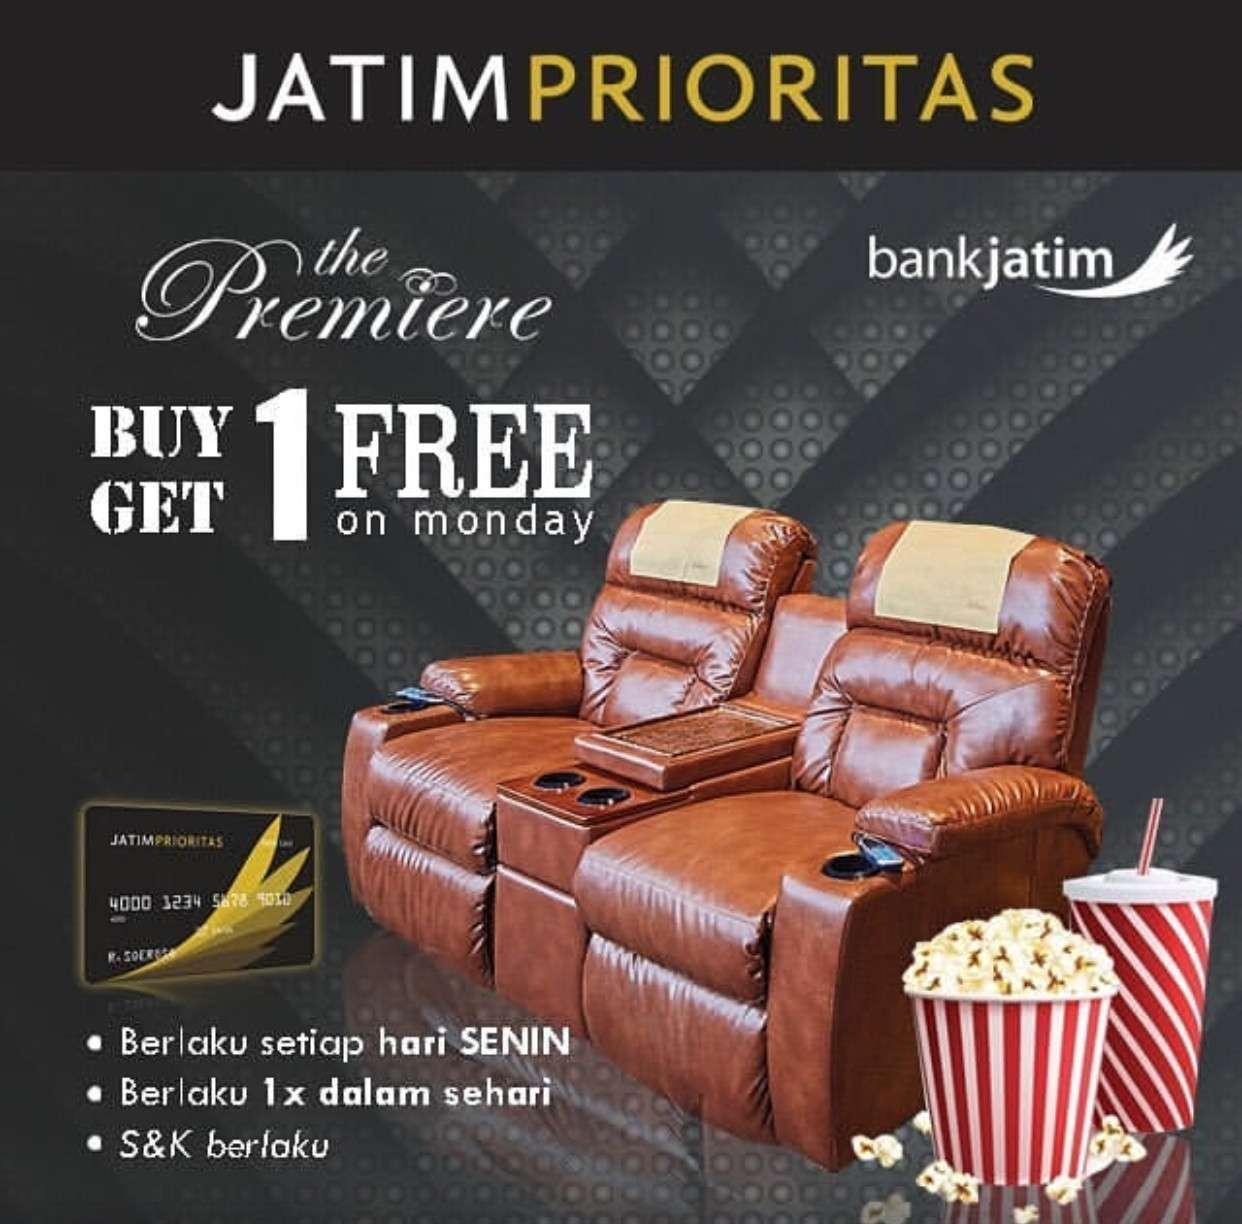 Cinema 21 atau XXI Buy 1 Get 1 Tiket Nonton The Premiere dengan kartu Jatim Prioritas